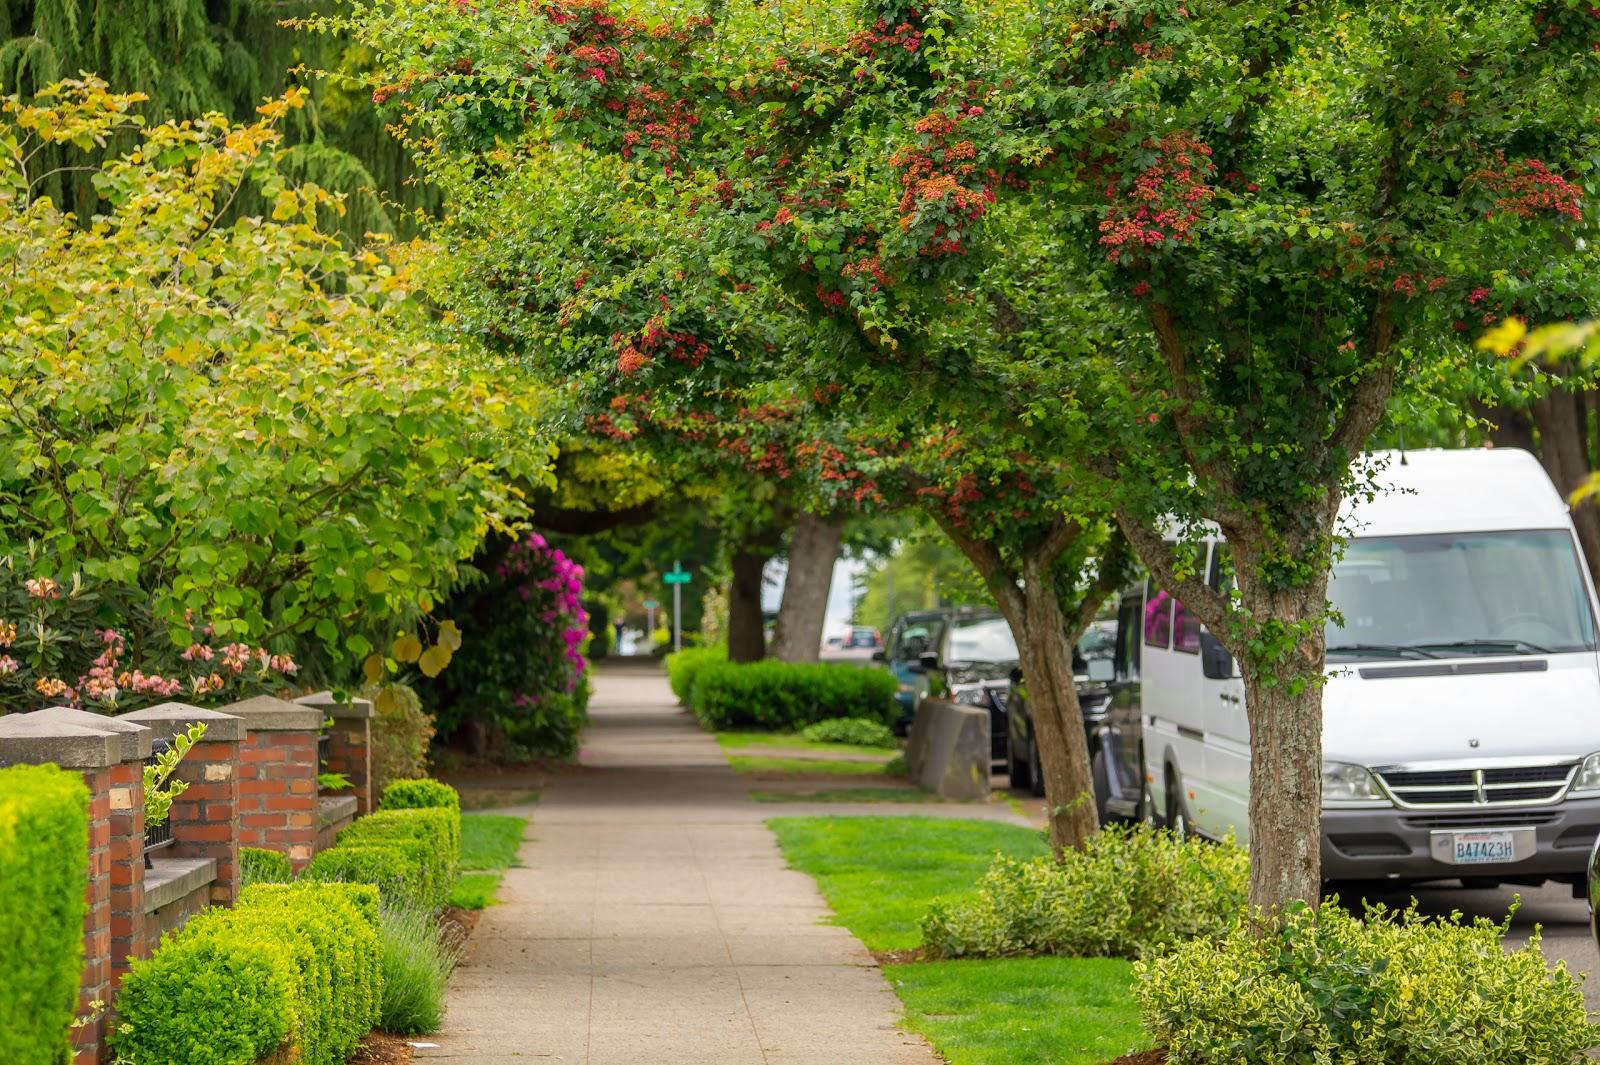 Парк Керри находится в центре престижного района Квин Энн. Полюбовавшись панорамой даунтауна, мы отправились погулять по его зелёным улицам.